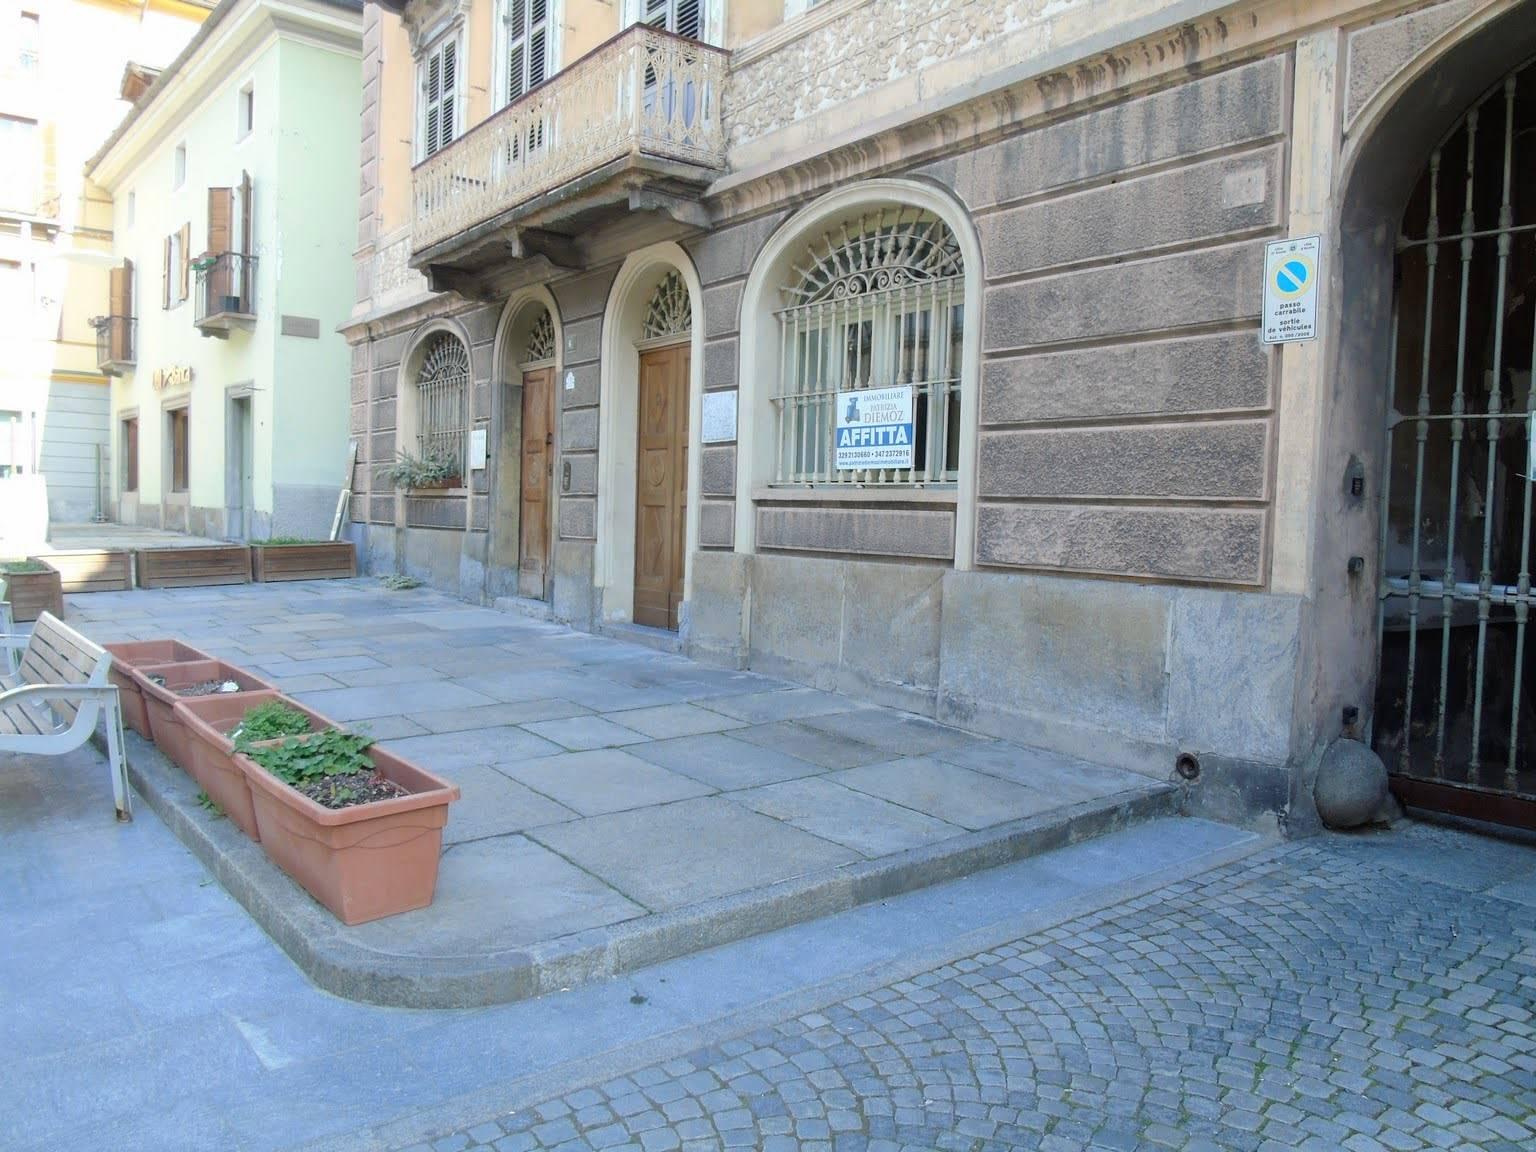 Immobile Commerciale in affitto a Aosta, 2 locali, zona Zona: Centro, prezzo € 850 | CambioCasa.it